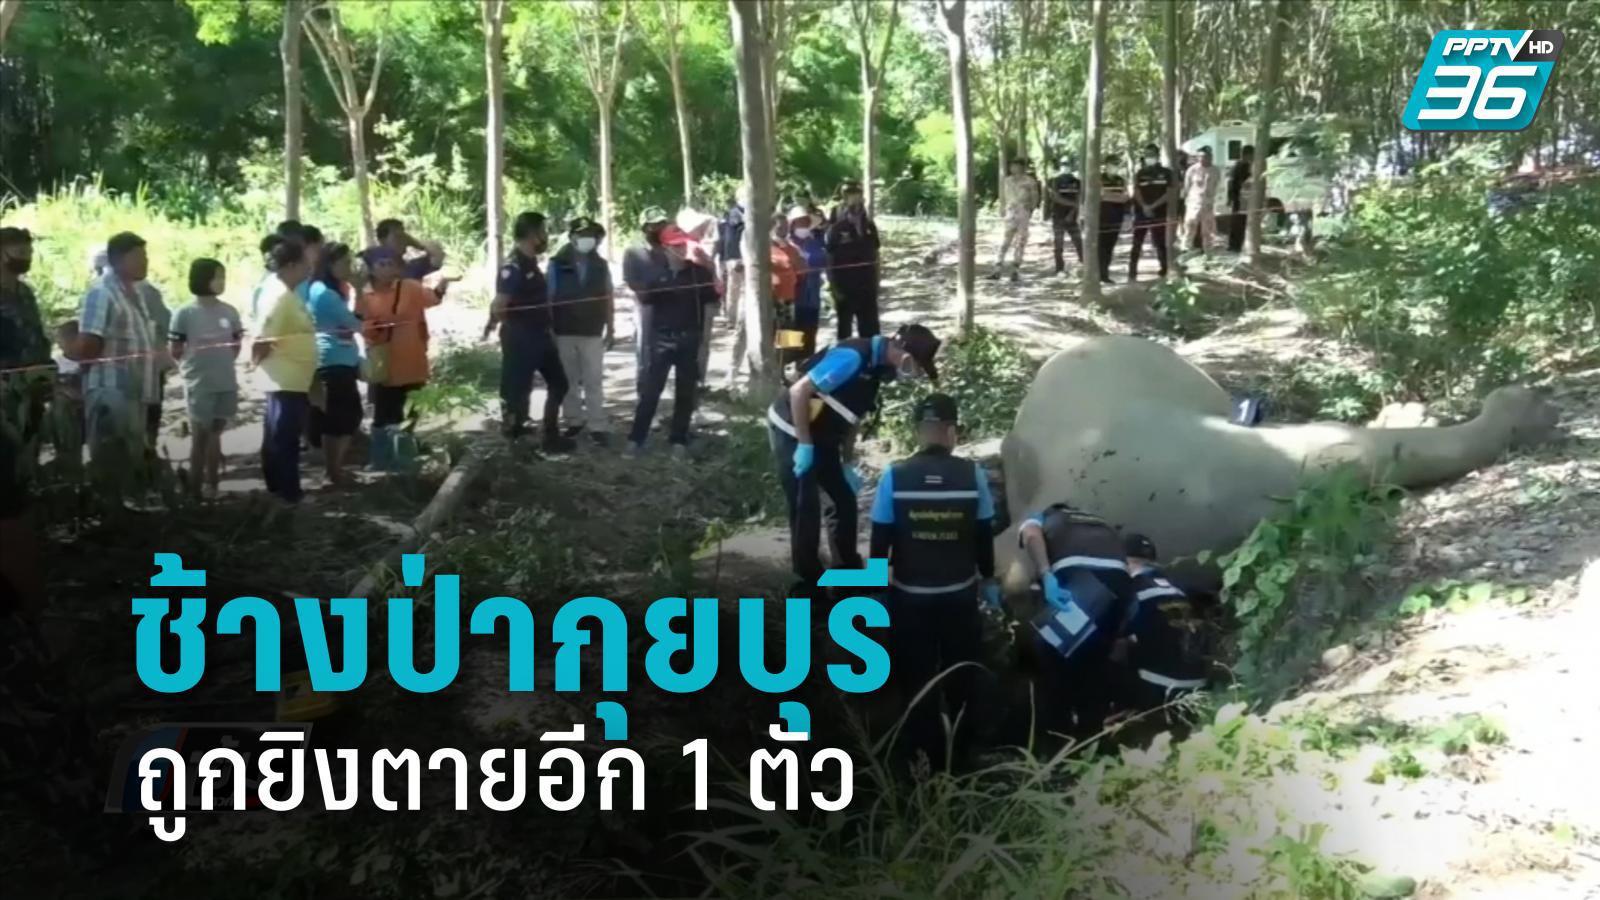 ช้างป่ากุยบุรี ถูกยิงตายอีก 1 ตัว ชาวบ้านอ้างป้องกันตัว